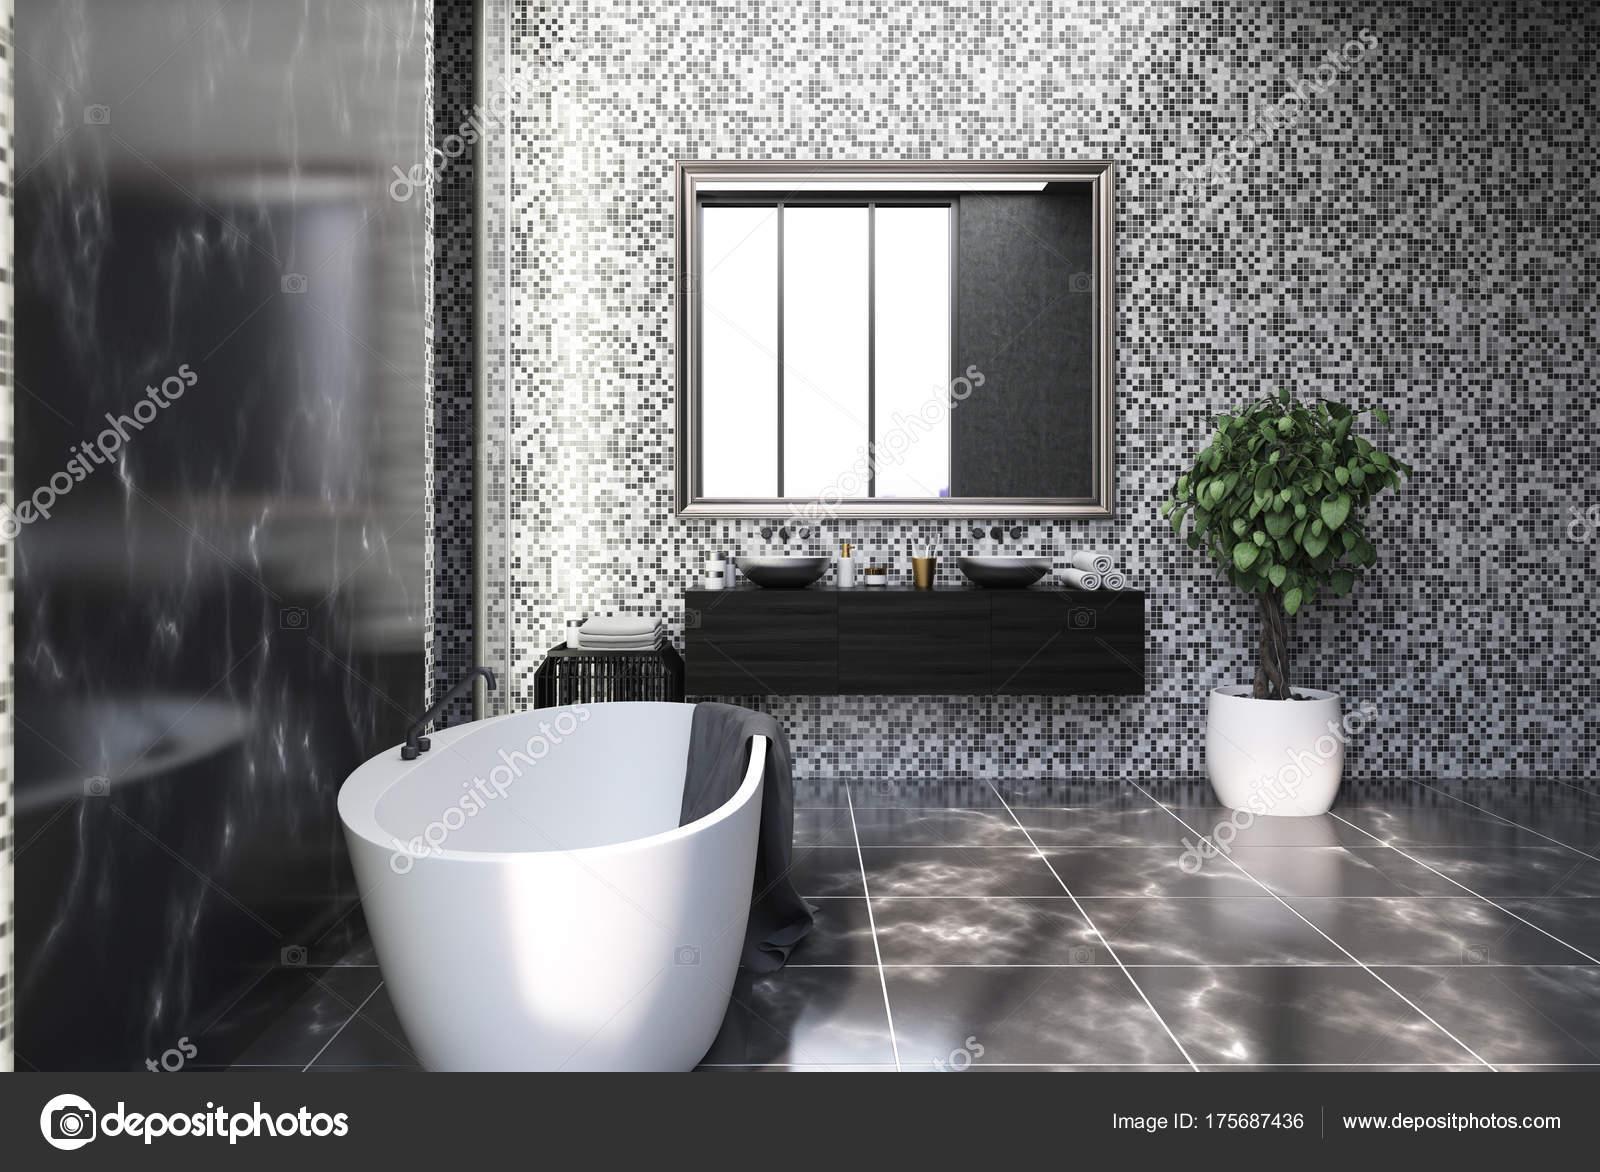 Suelo marmol negro | Lado negro de cuarto de baño de mármol y ...